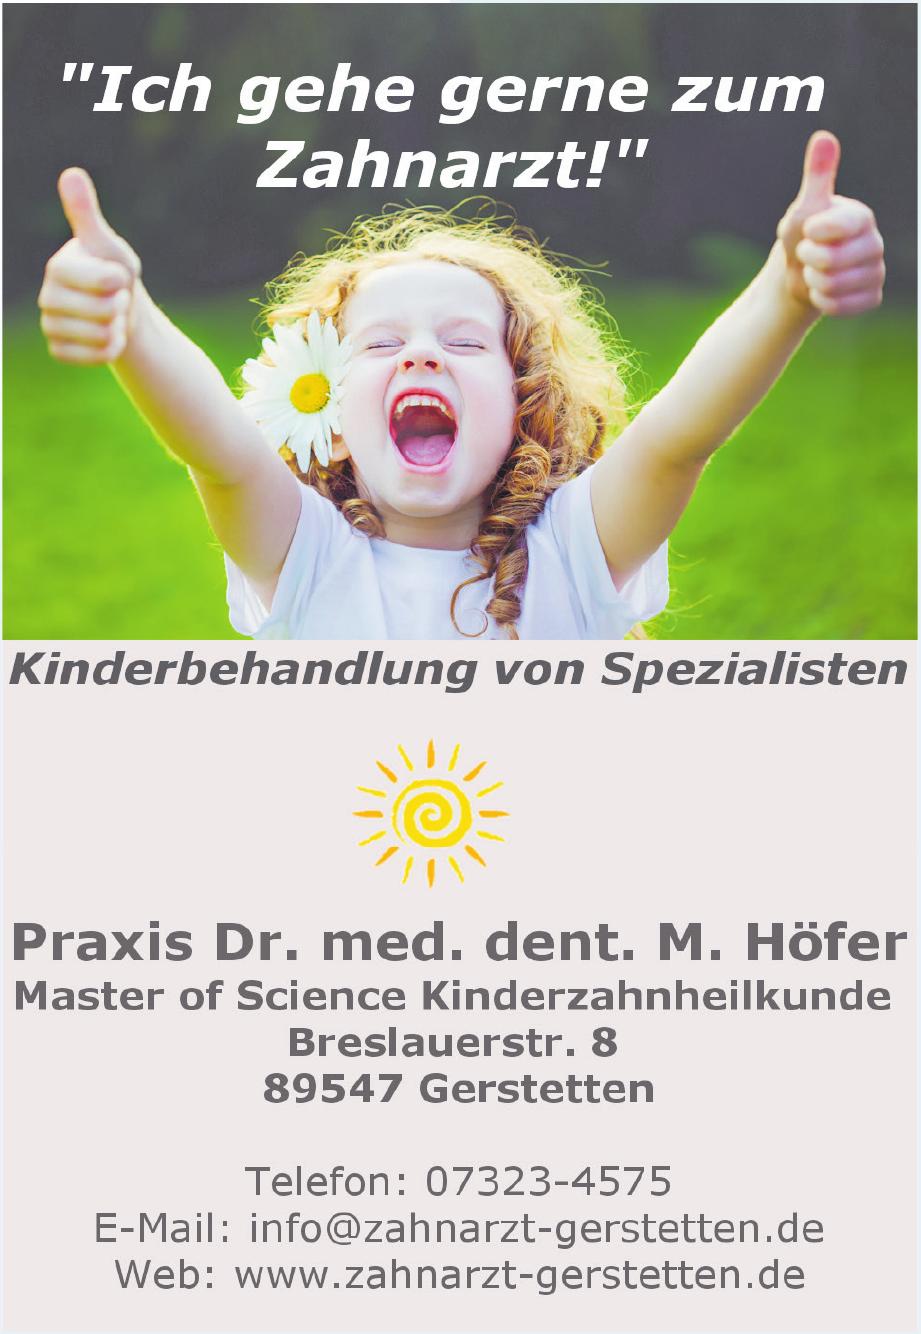 Praxis Dr. med. dent. M. Höfer